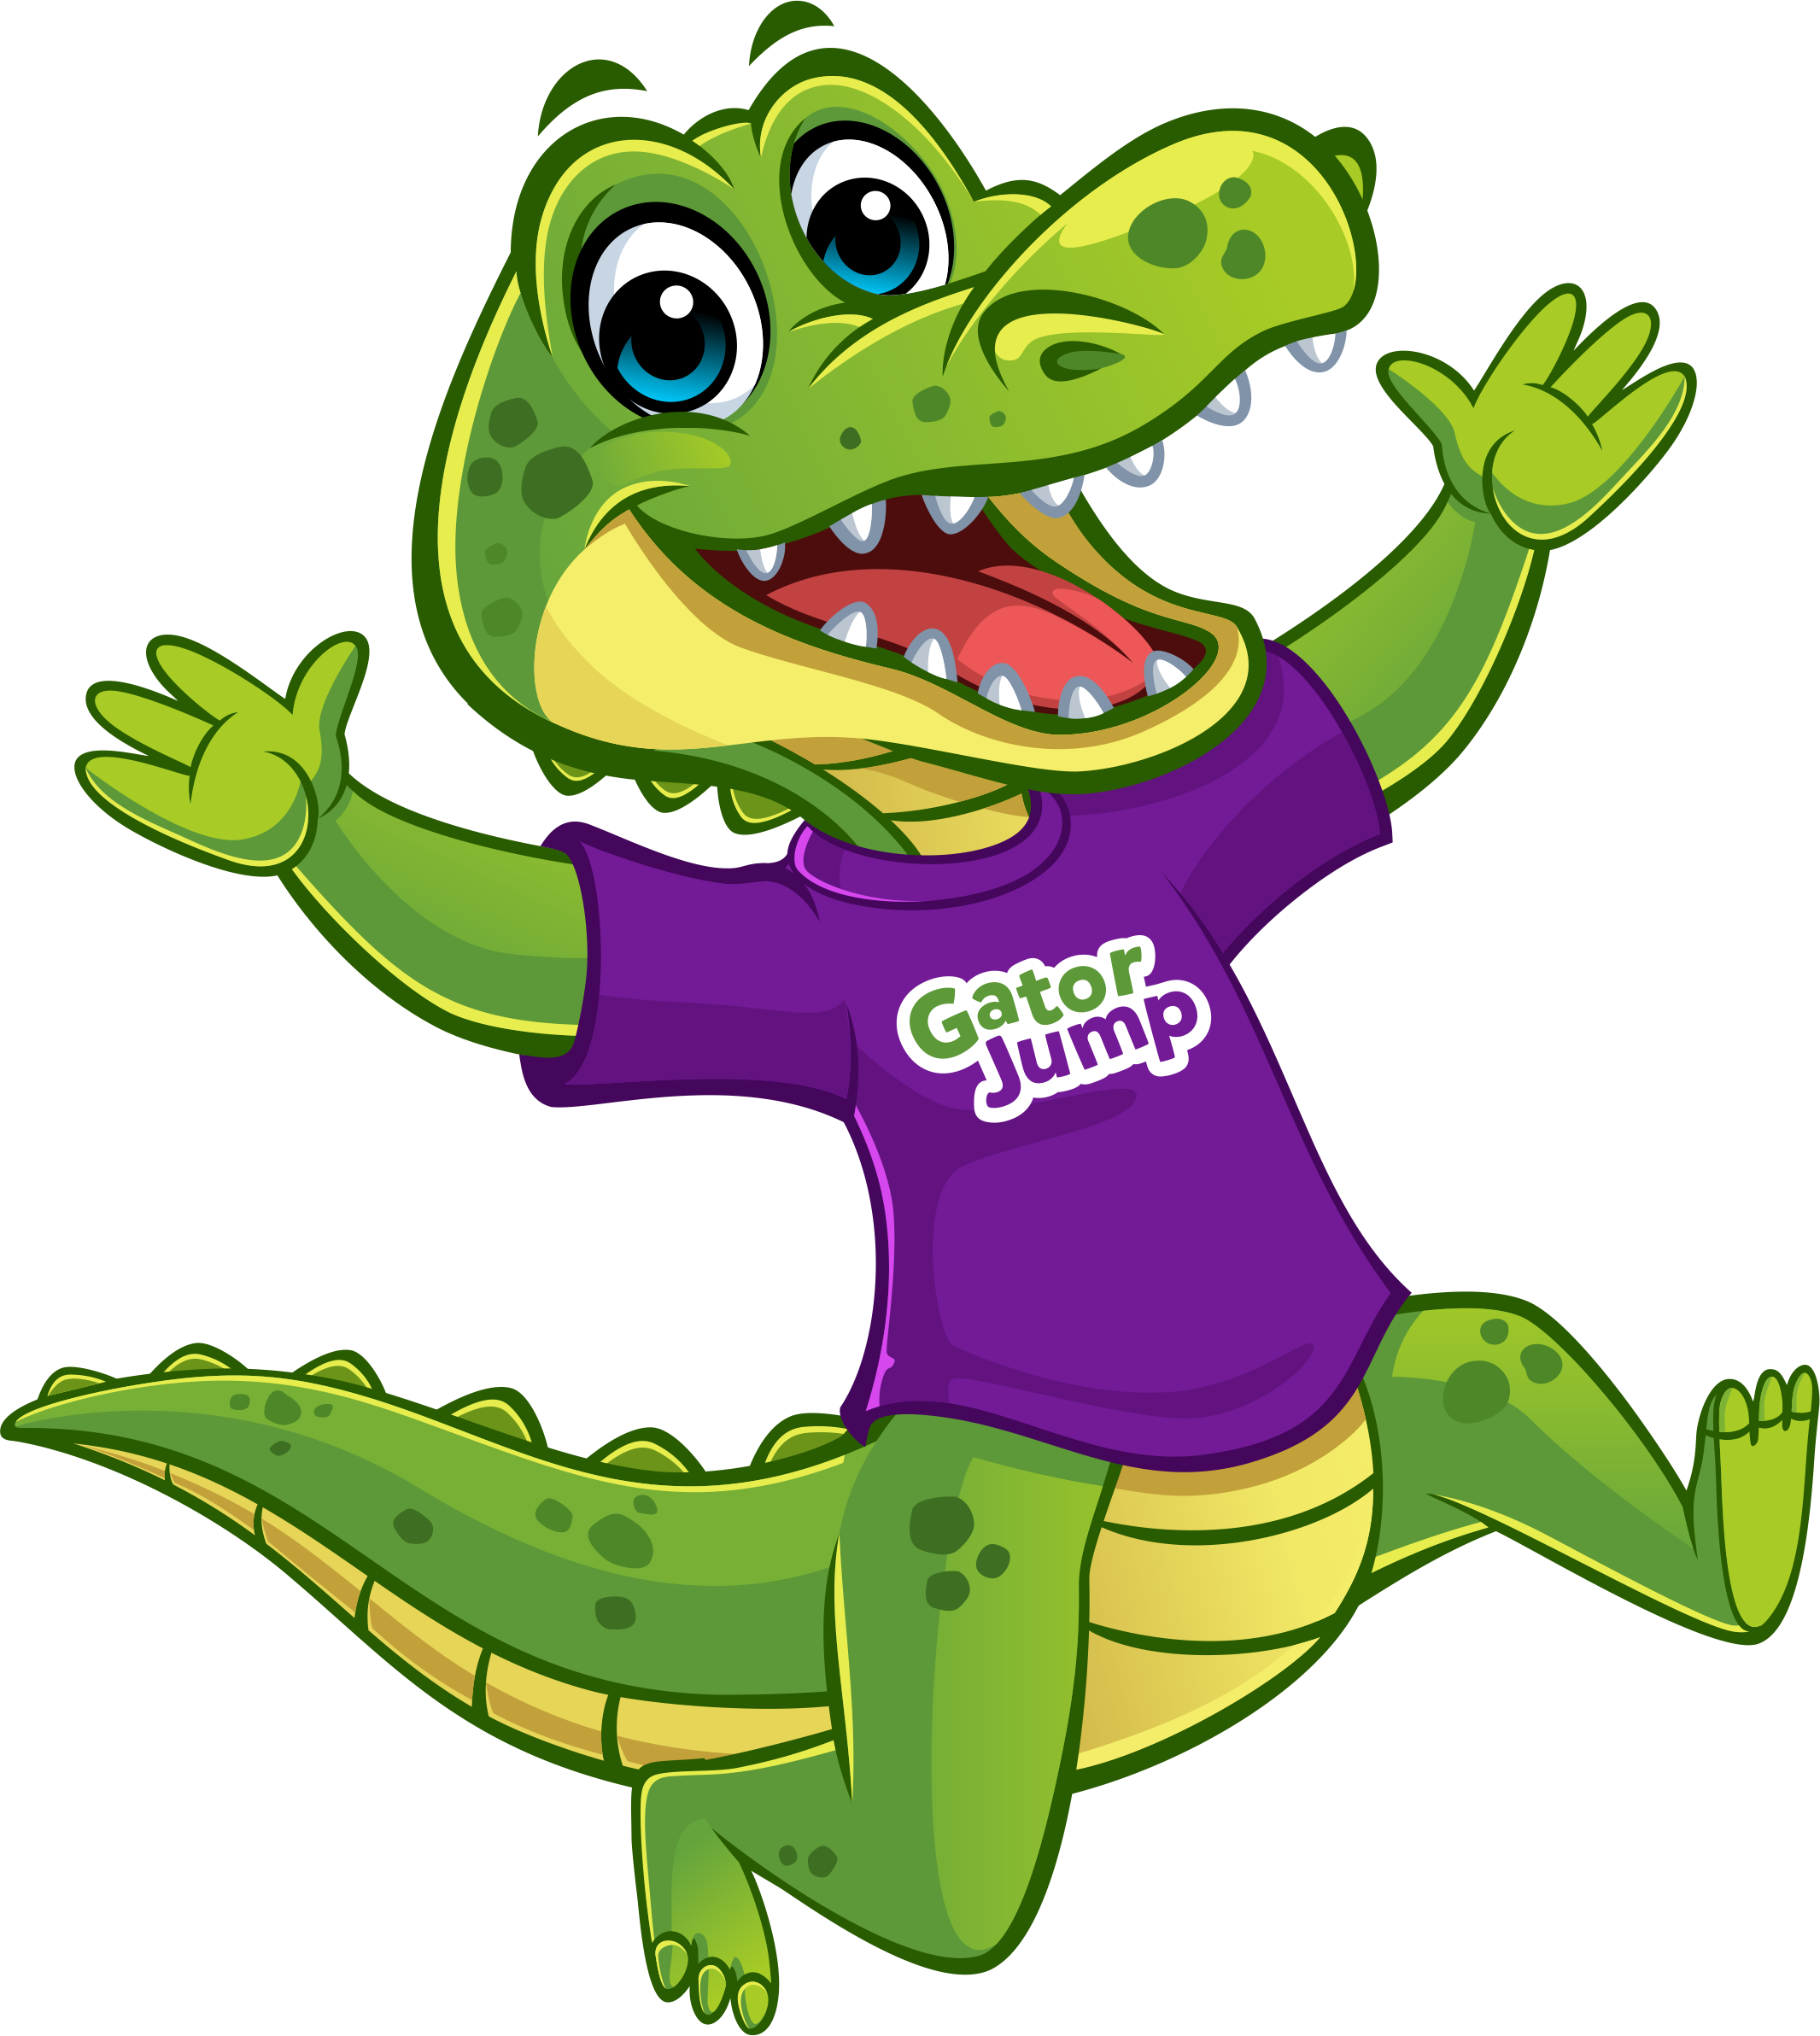 jumping gator bounce company mascot